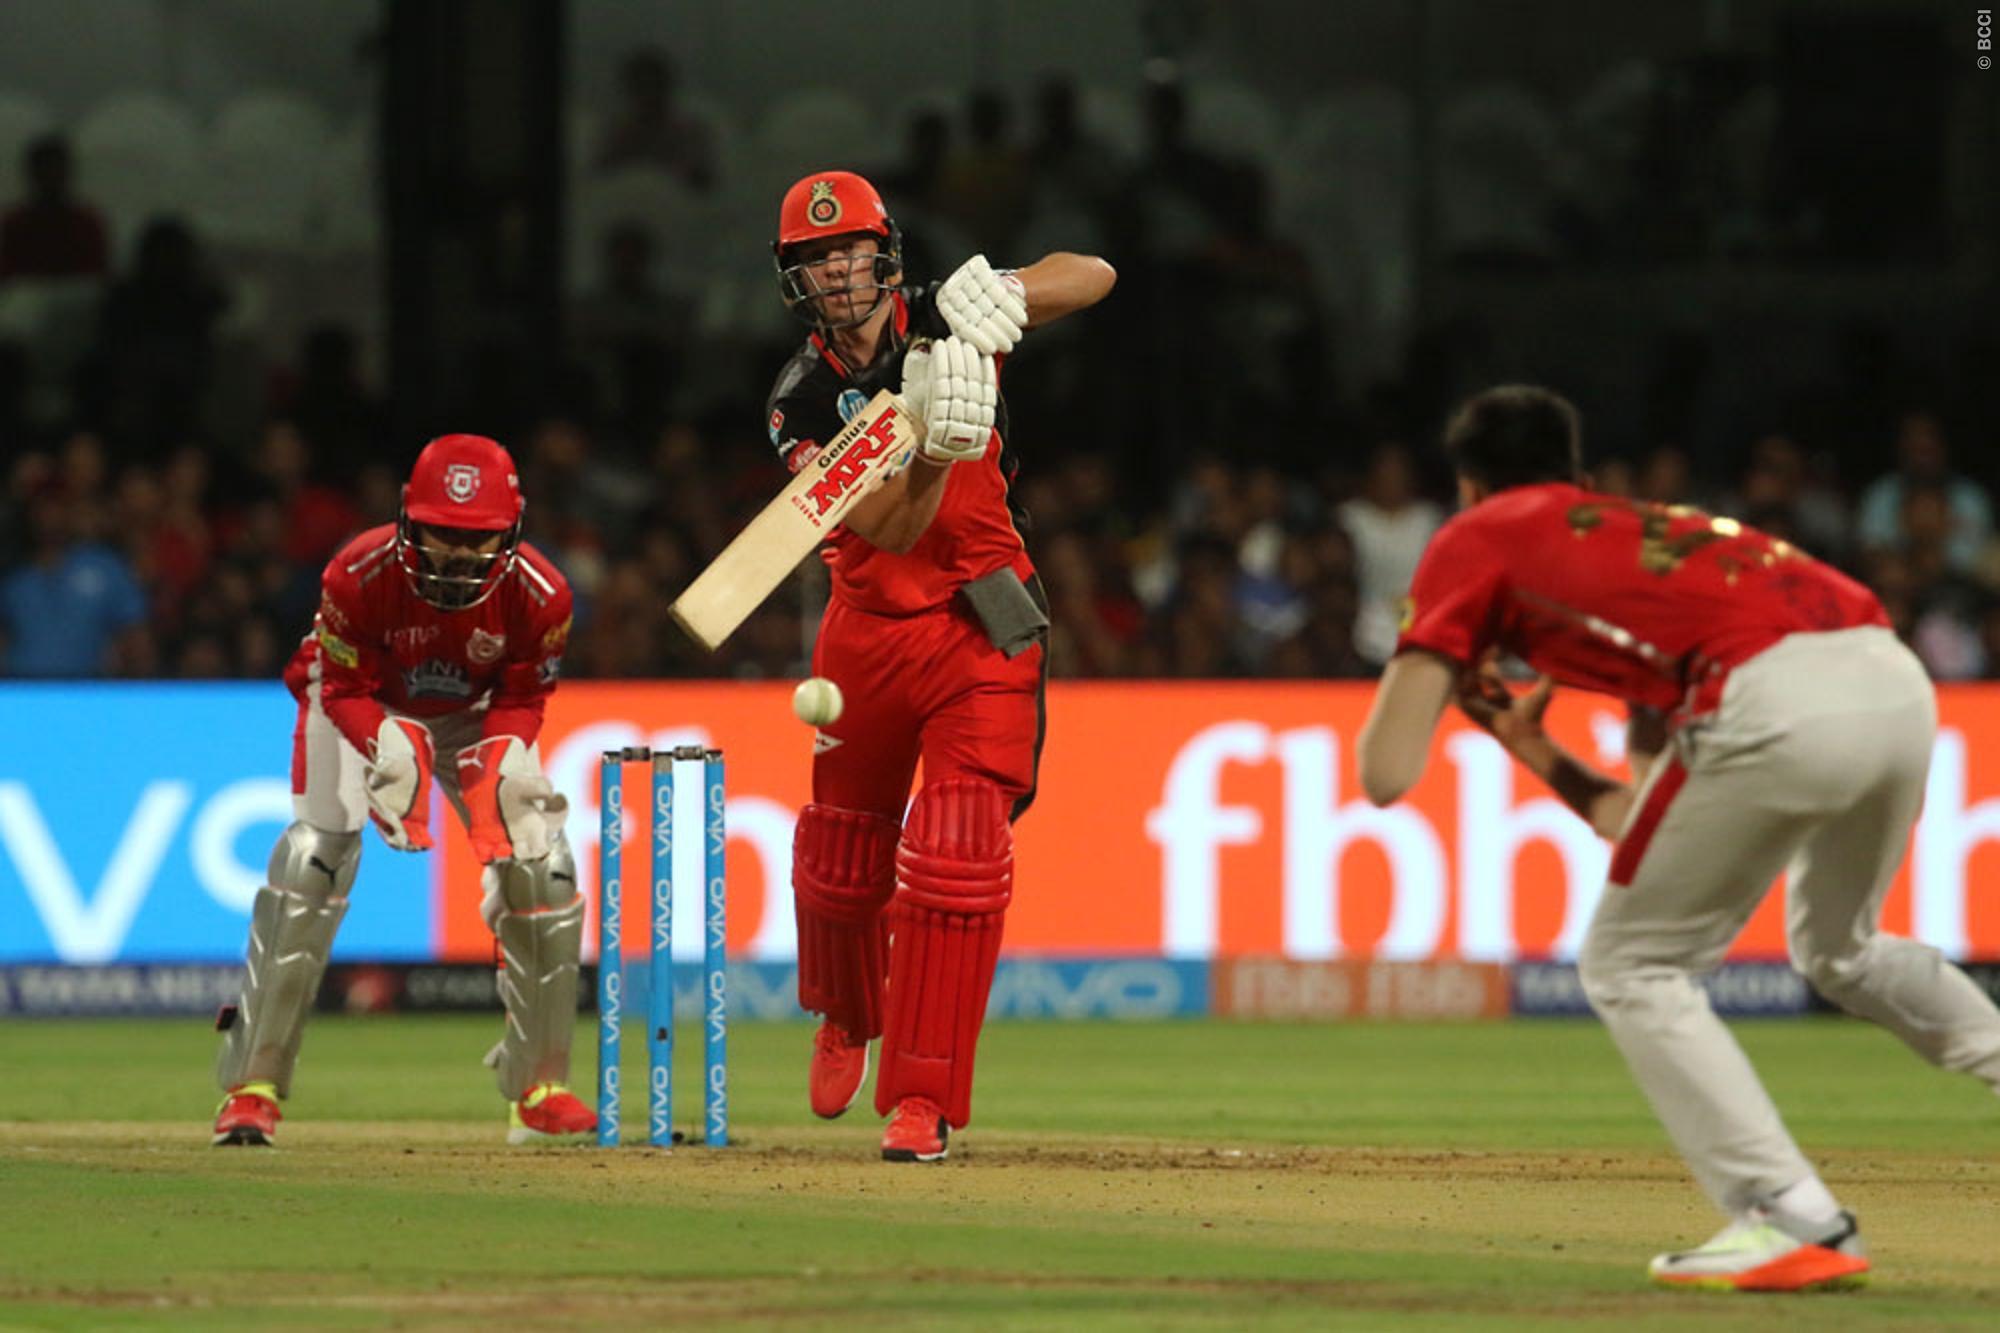 पंजाब के खिलाफ आरसीबी की जीत में अहम भूमिका निभाने वाले उमेश यादव को नहीं, बल्कि इन गेंदबाजो को जीत का श्रेय देते नजर आये डीविलियर्स 1